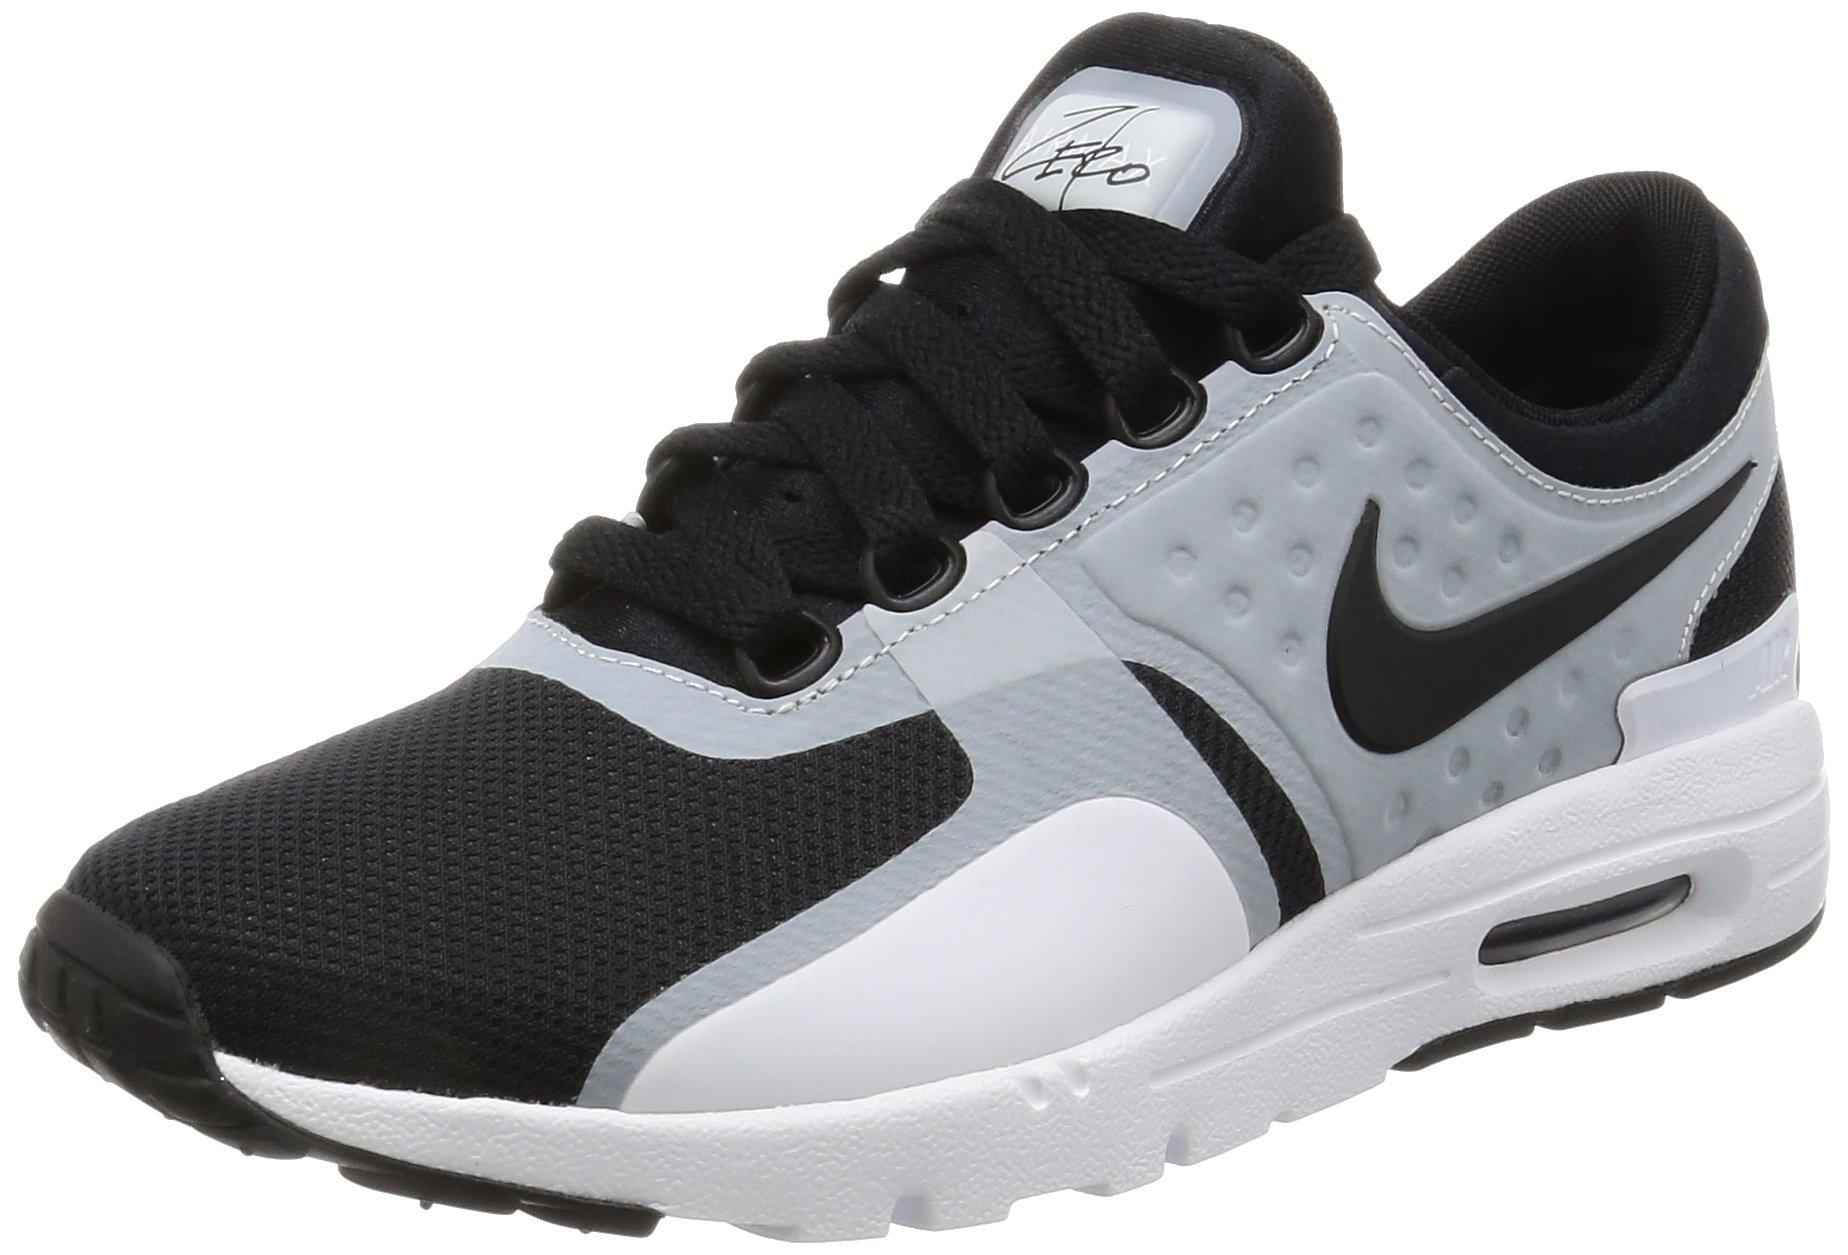 NIKE Women's Air Max Zero White/Black Running Shoe 6.5 Women US